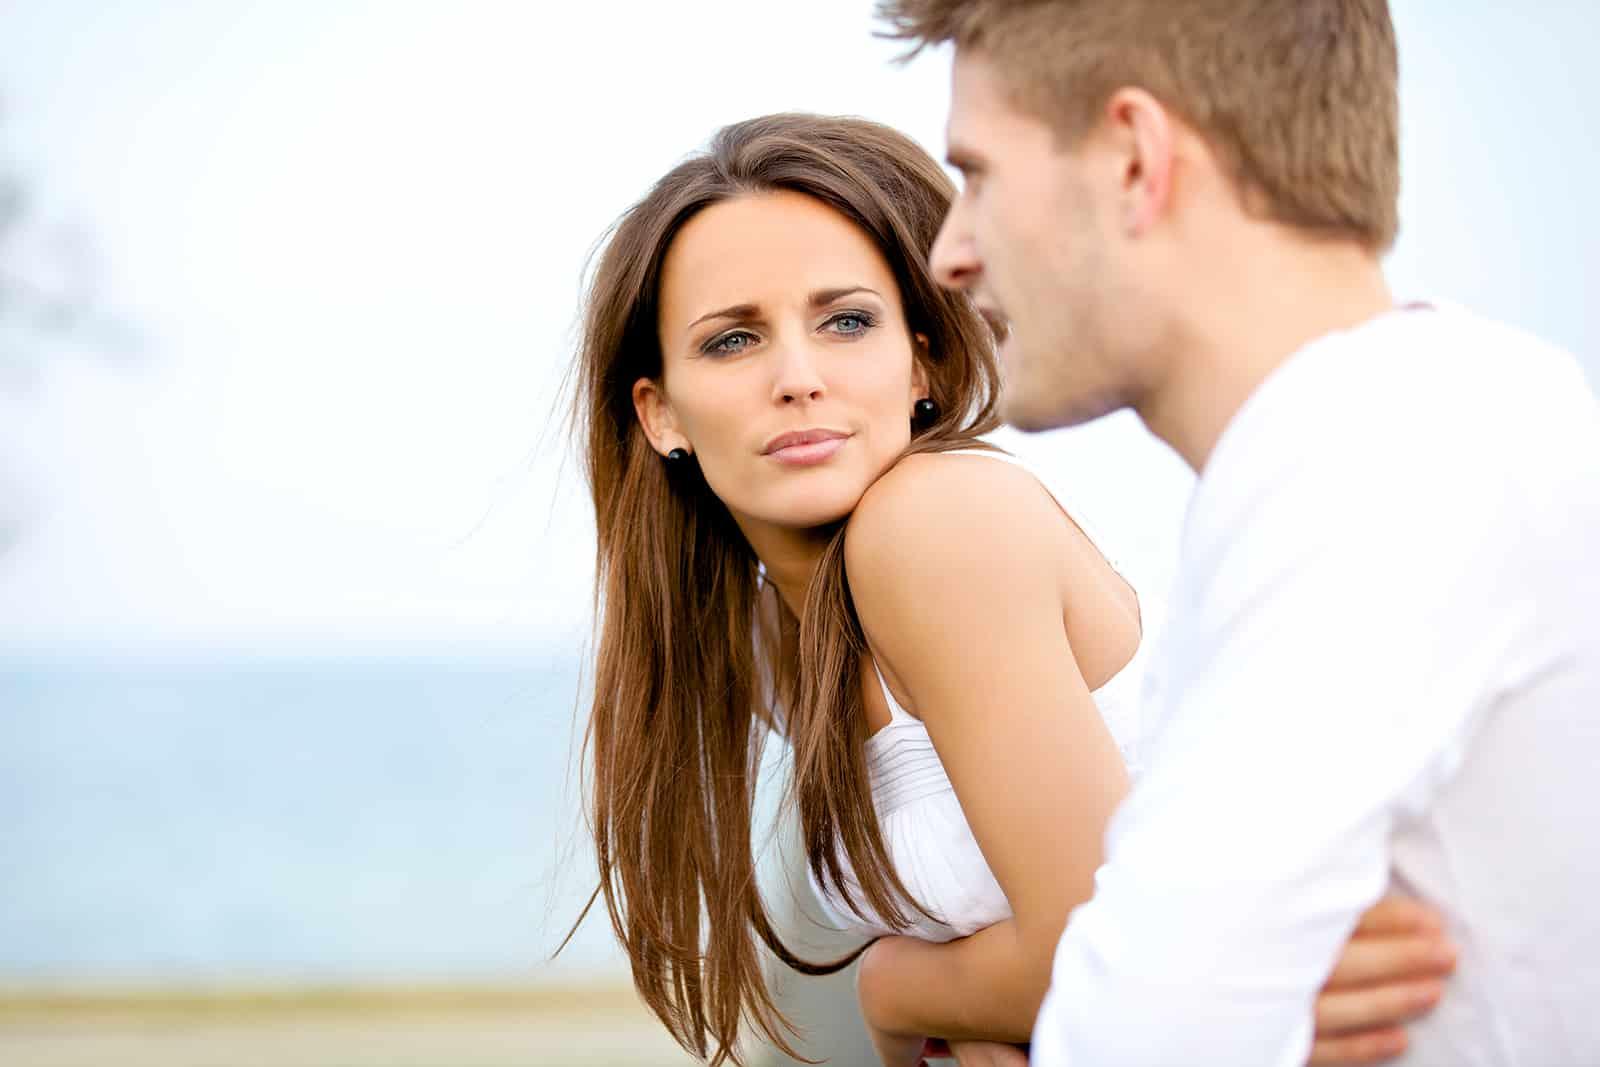 ernsthafte Frau, die ihrem Freund aufmerksam zuhört, während sie draußen steht